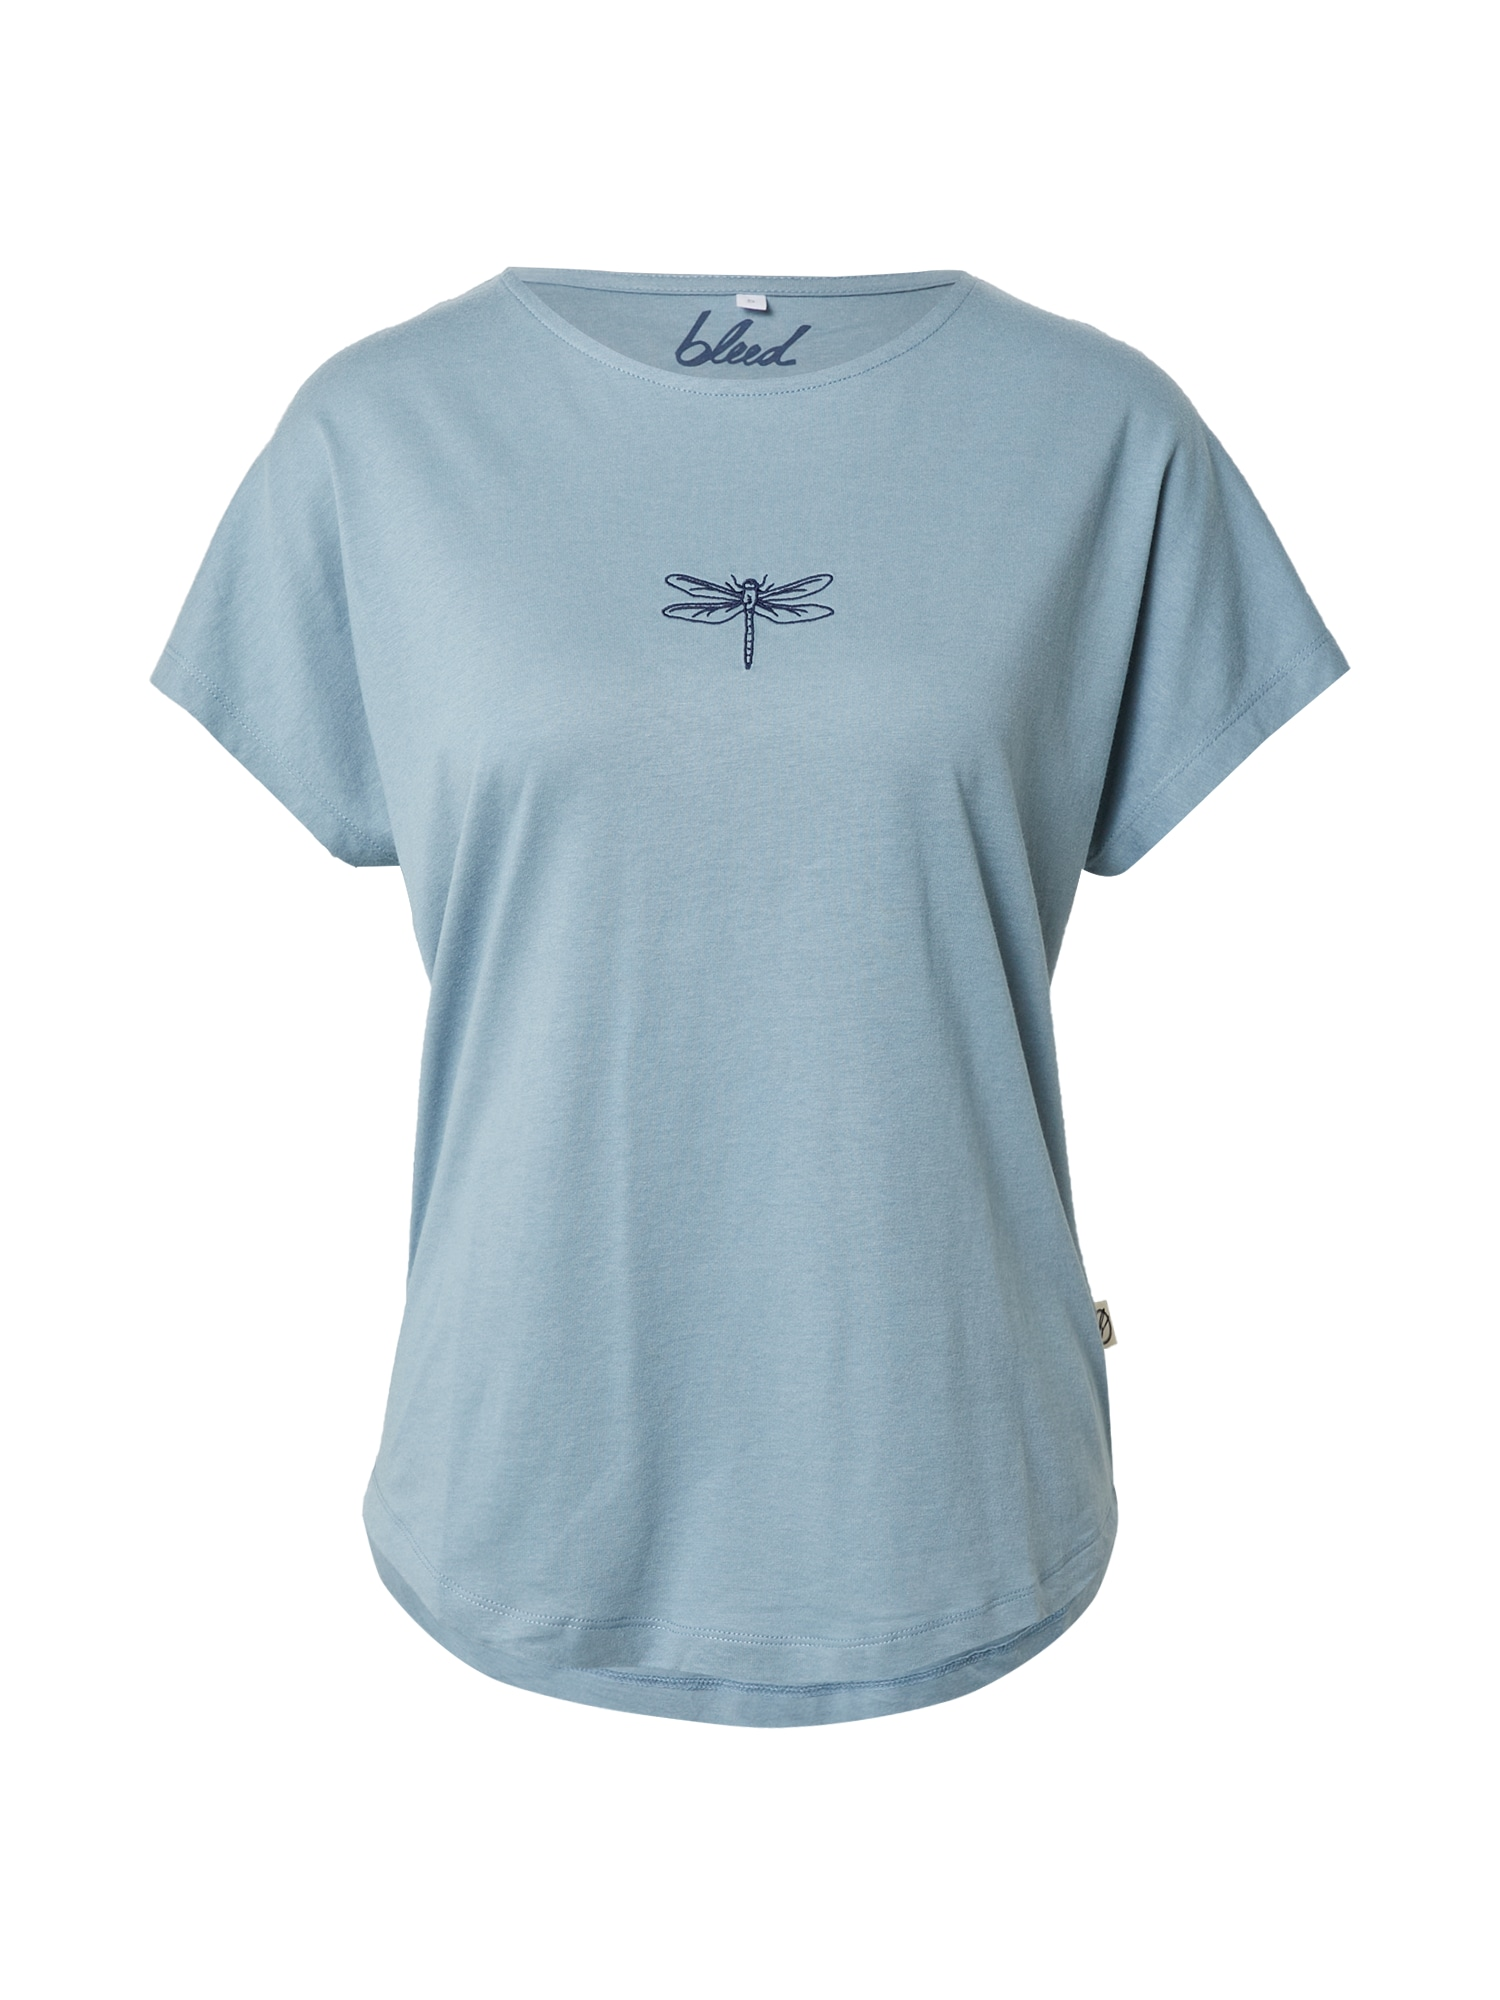 bleed clothing Marškinėliai mėlyna dūmų spalva / tamsiai mėlyna